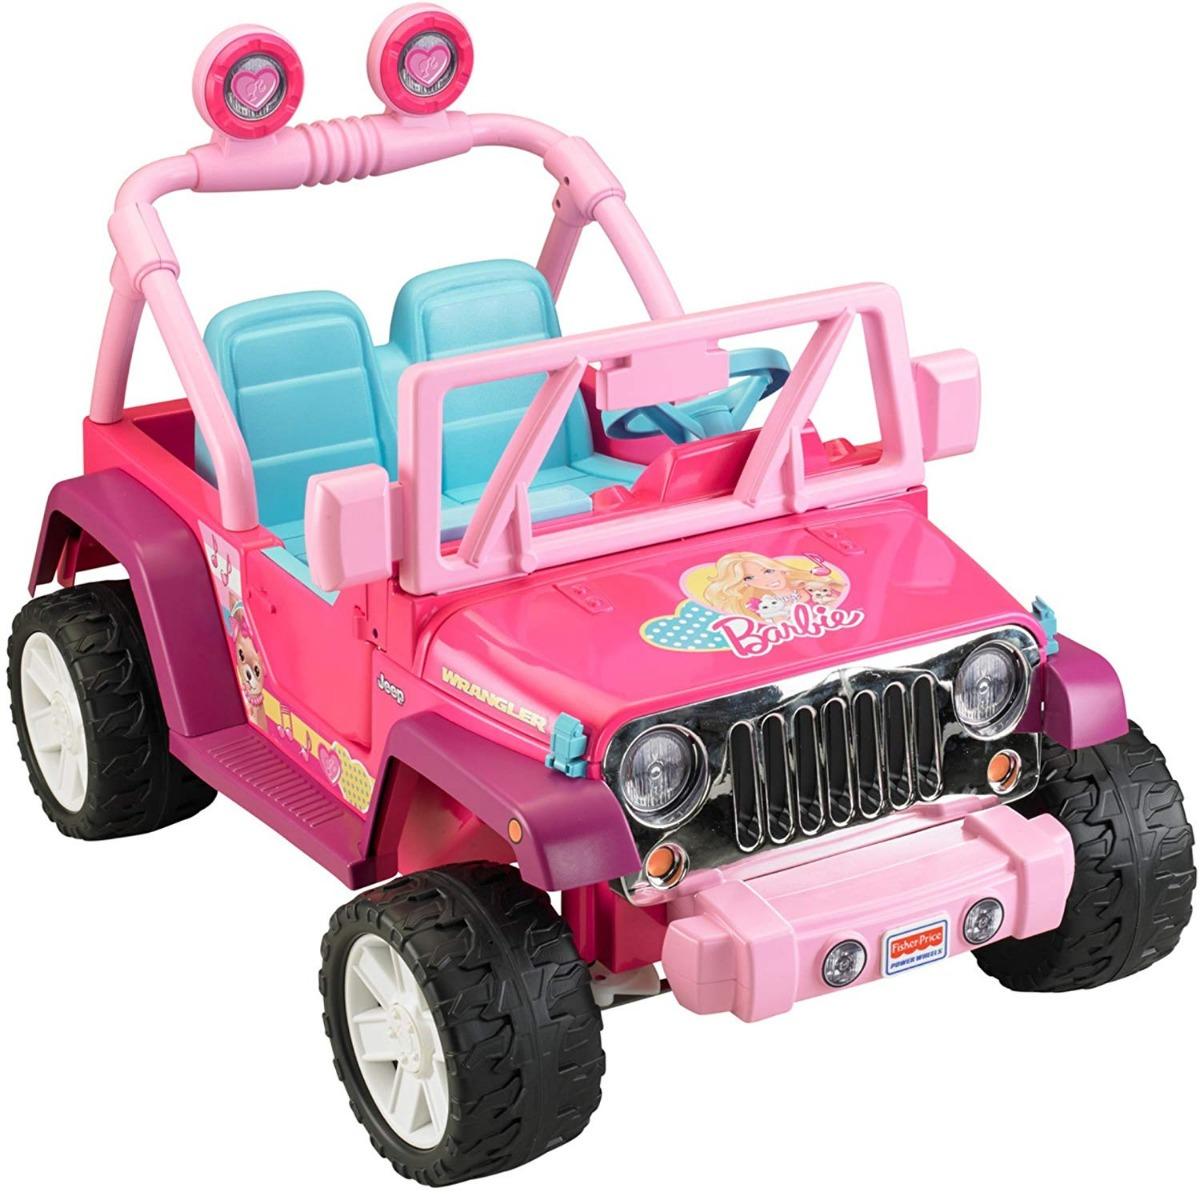 Carro De Juguete Para Ninas De Fisher Price Bs 320 00 En Mercado